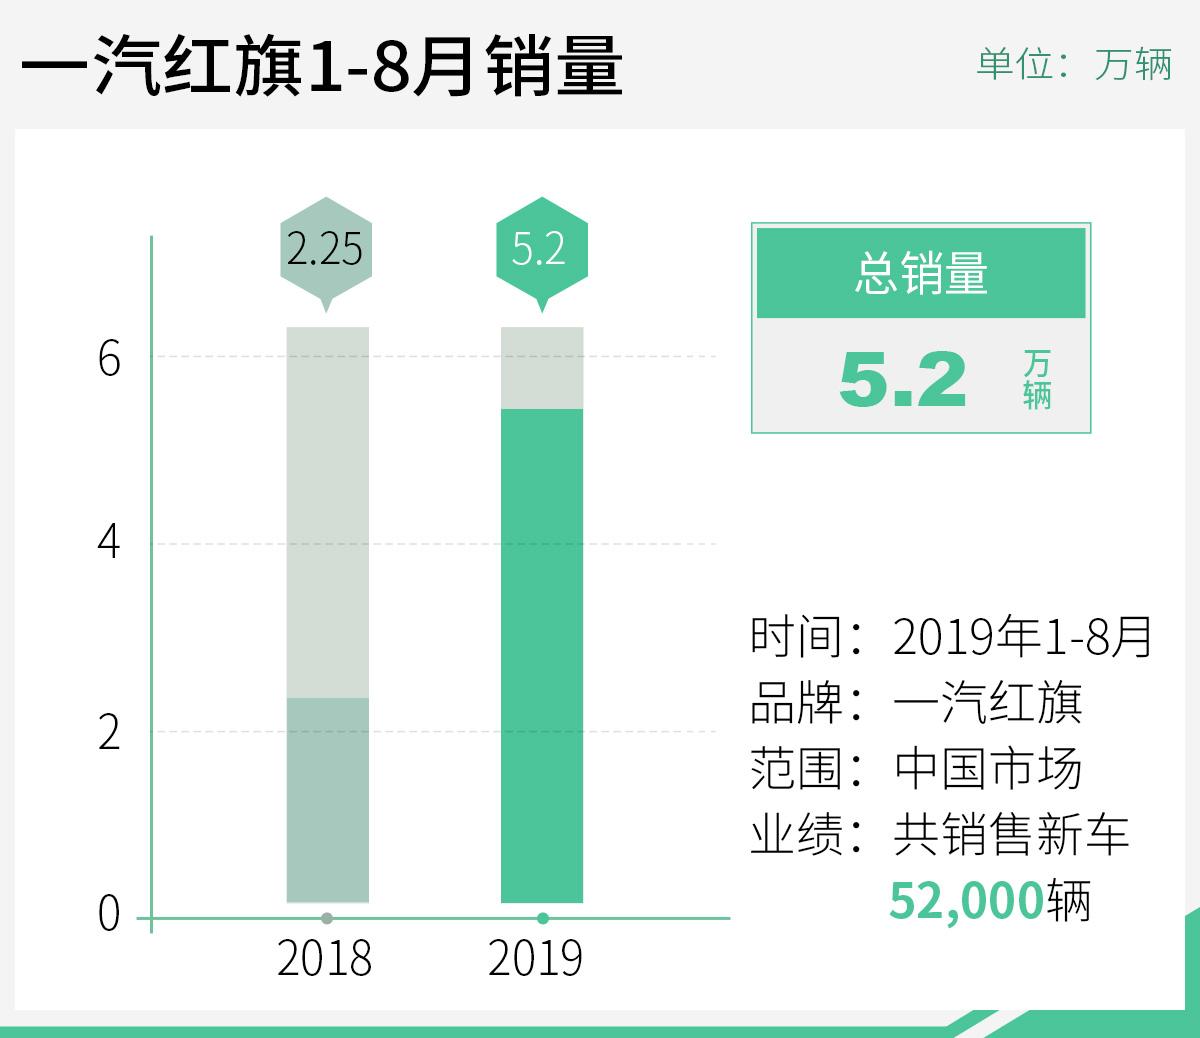 <b>一汽红旗8月销量突破一万辆 同比增长203%</b>